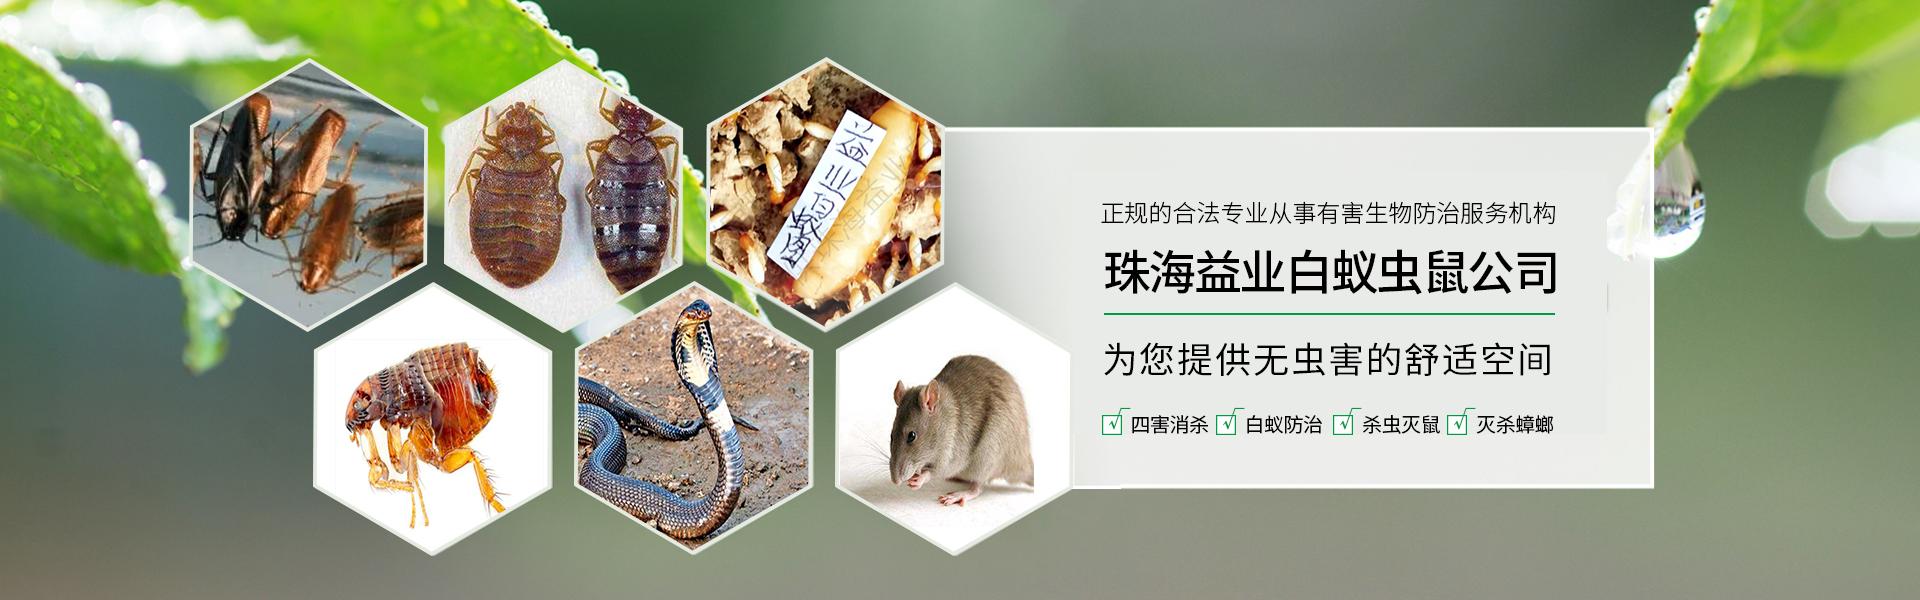 珠海白蚁公司